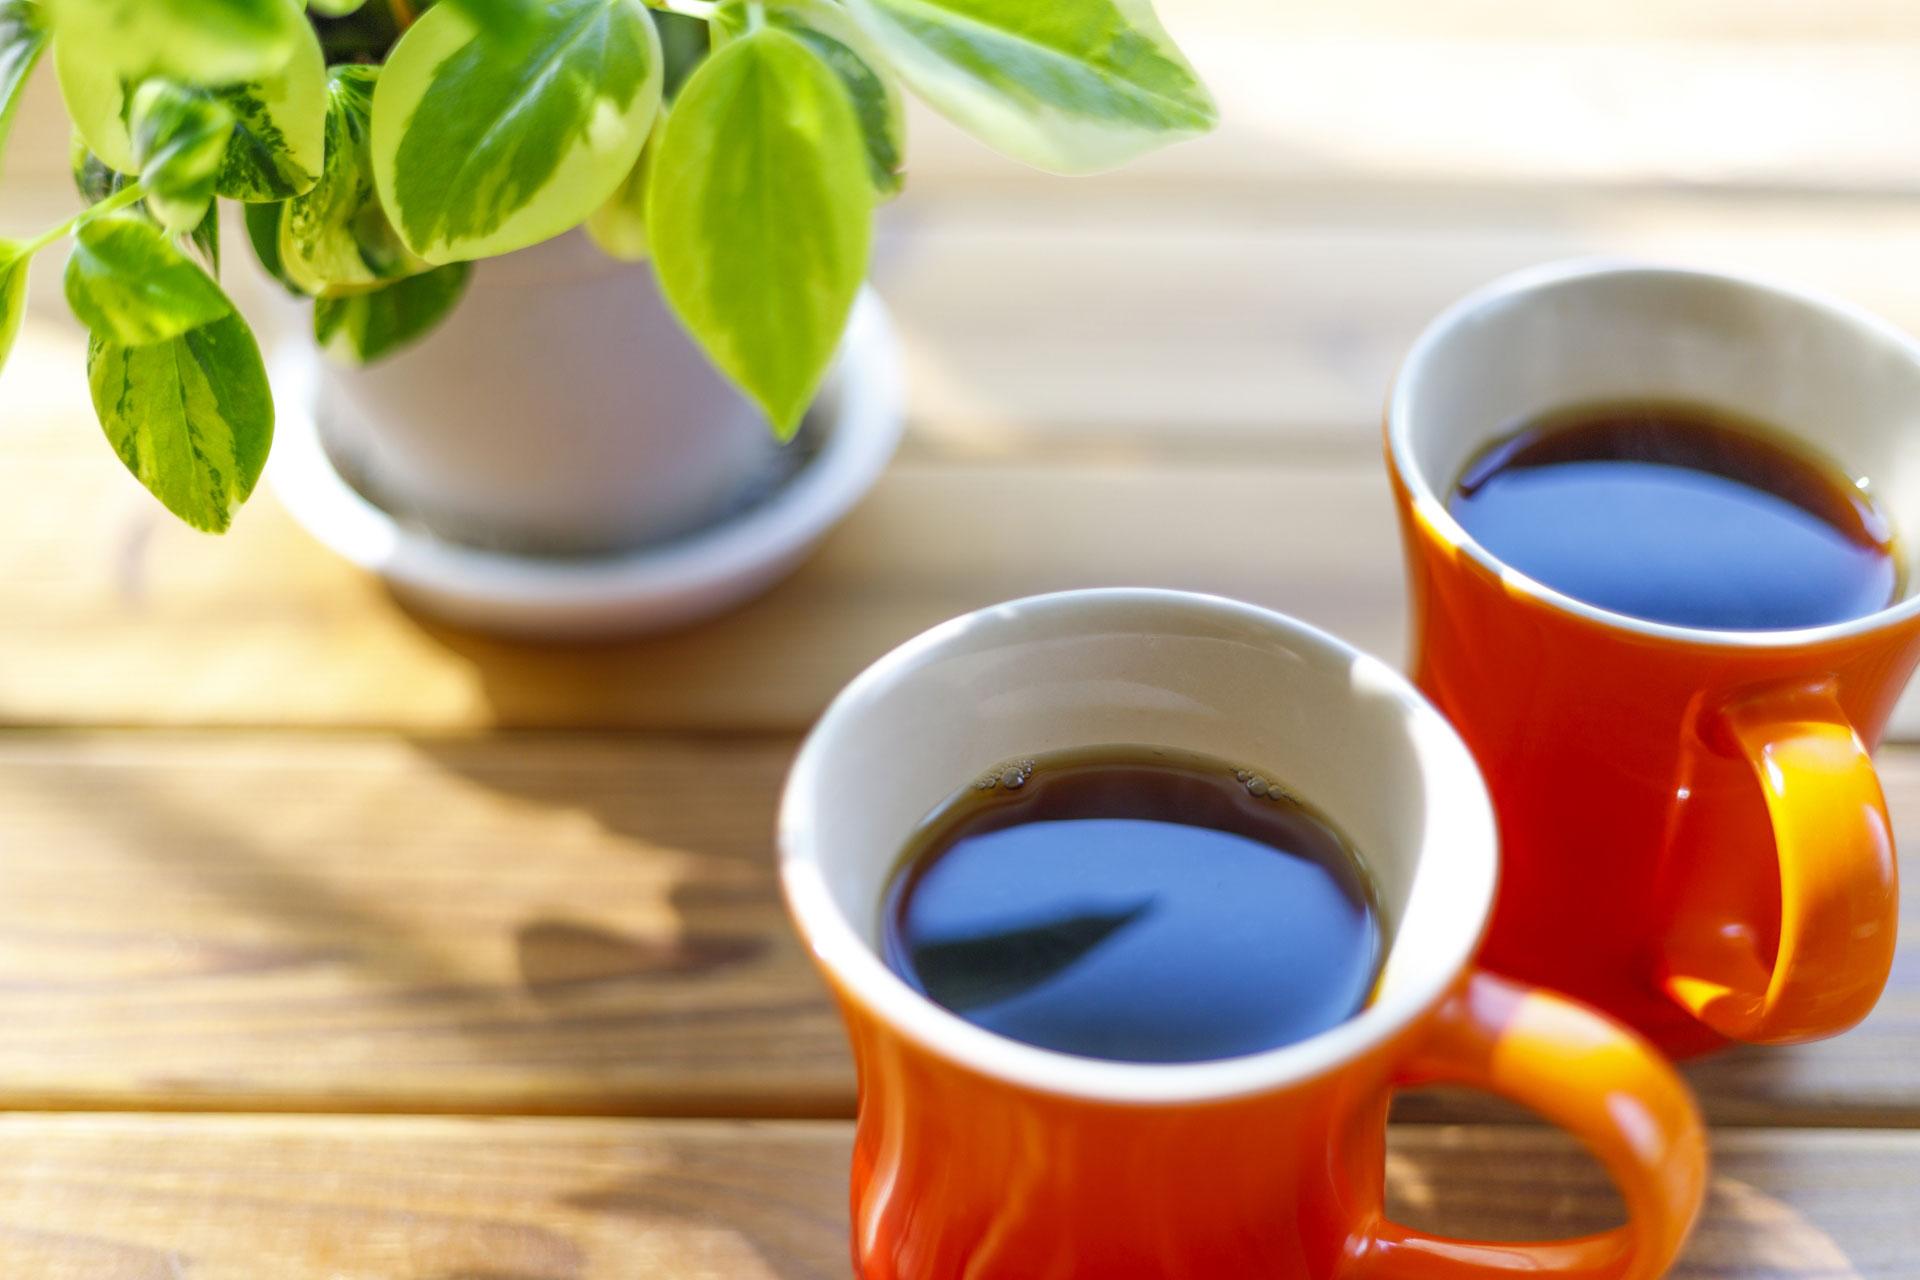 コーヒーの与える健康効果!コーヒーを飲んで毎日健康に!